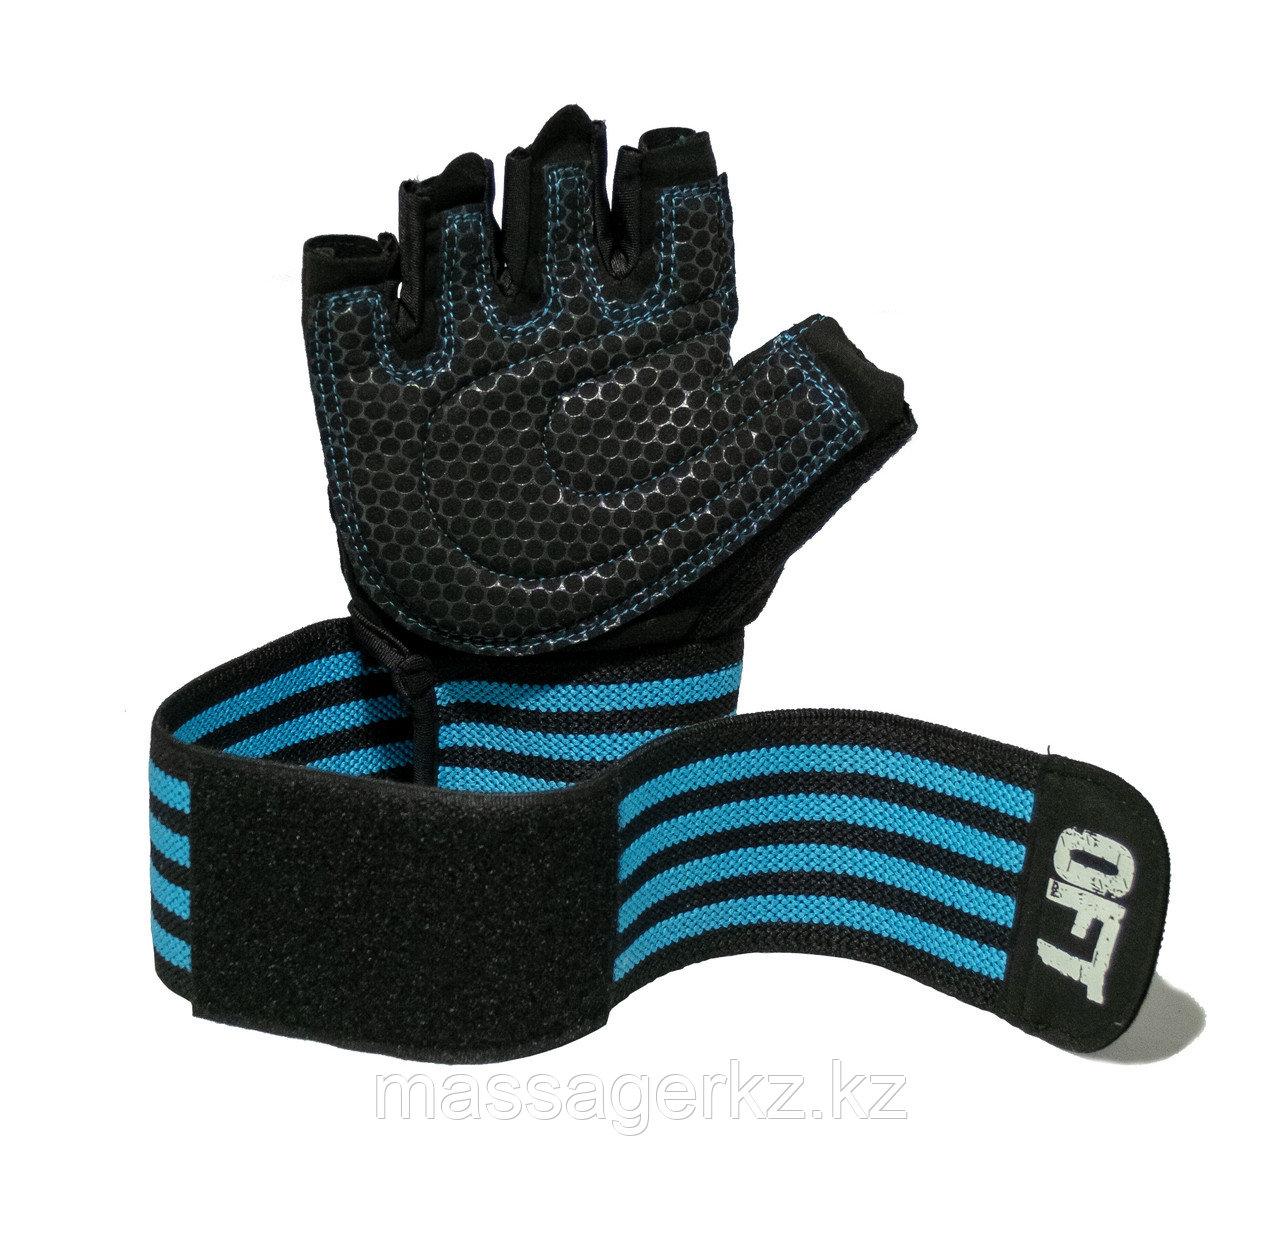 Перчатки для занятий спортом, размер XL